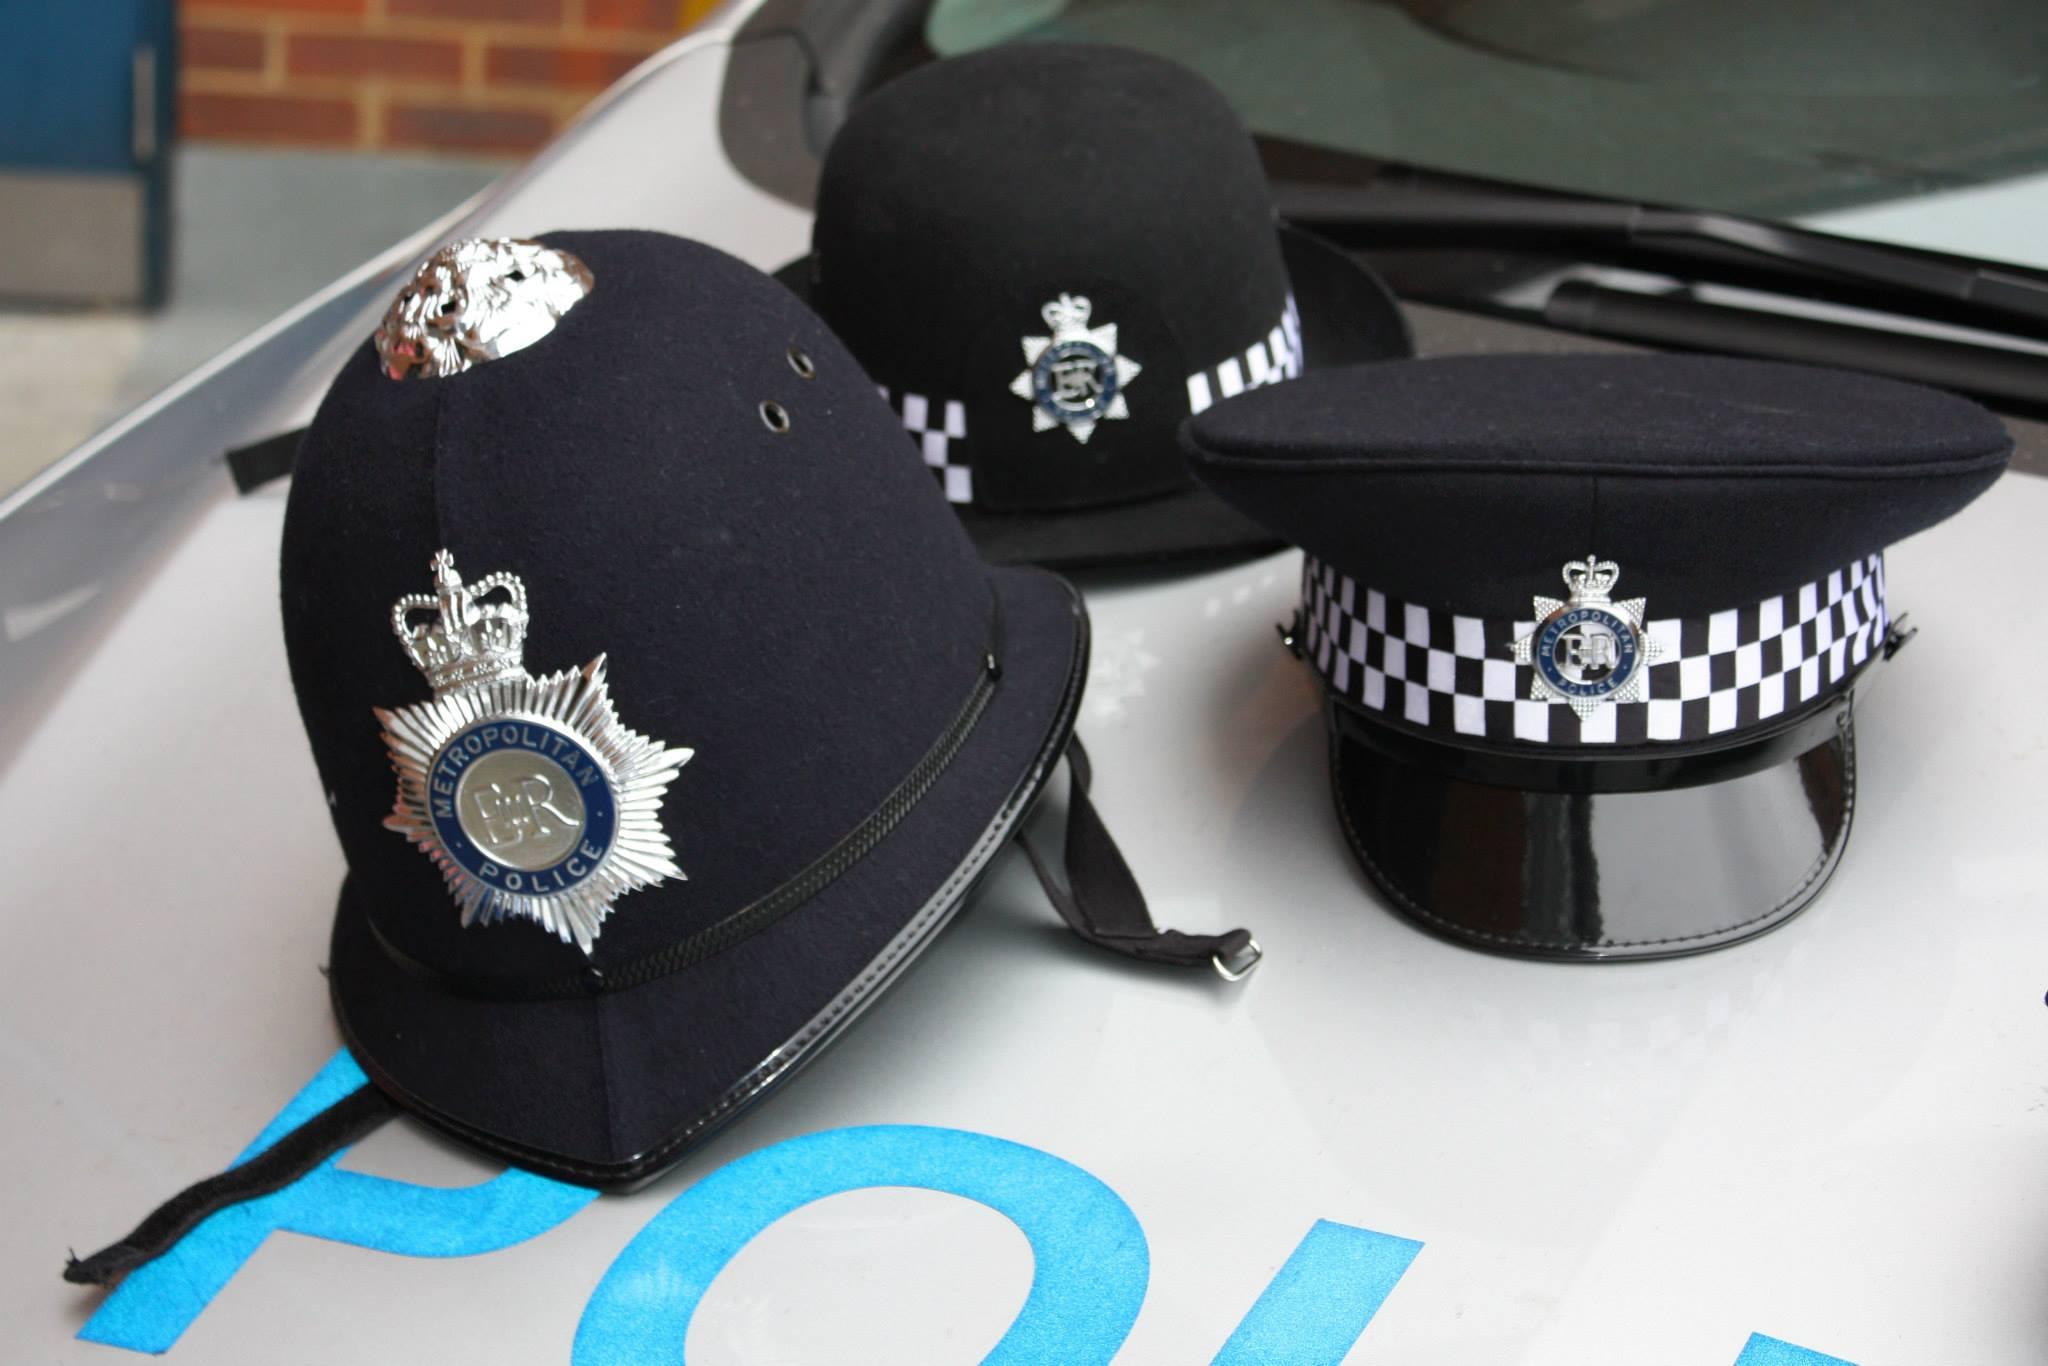 Poliţia Metropolitană a strâns peste 100.000 de lire sterline în donaţii pentru familia ofiţerului Palmer